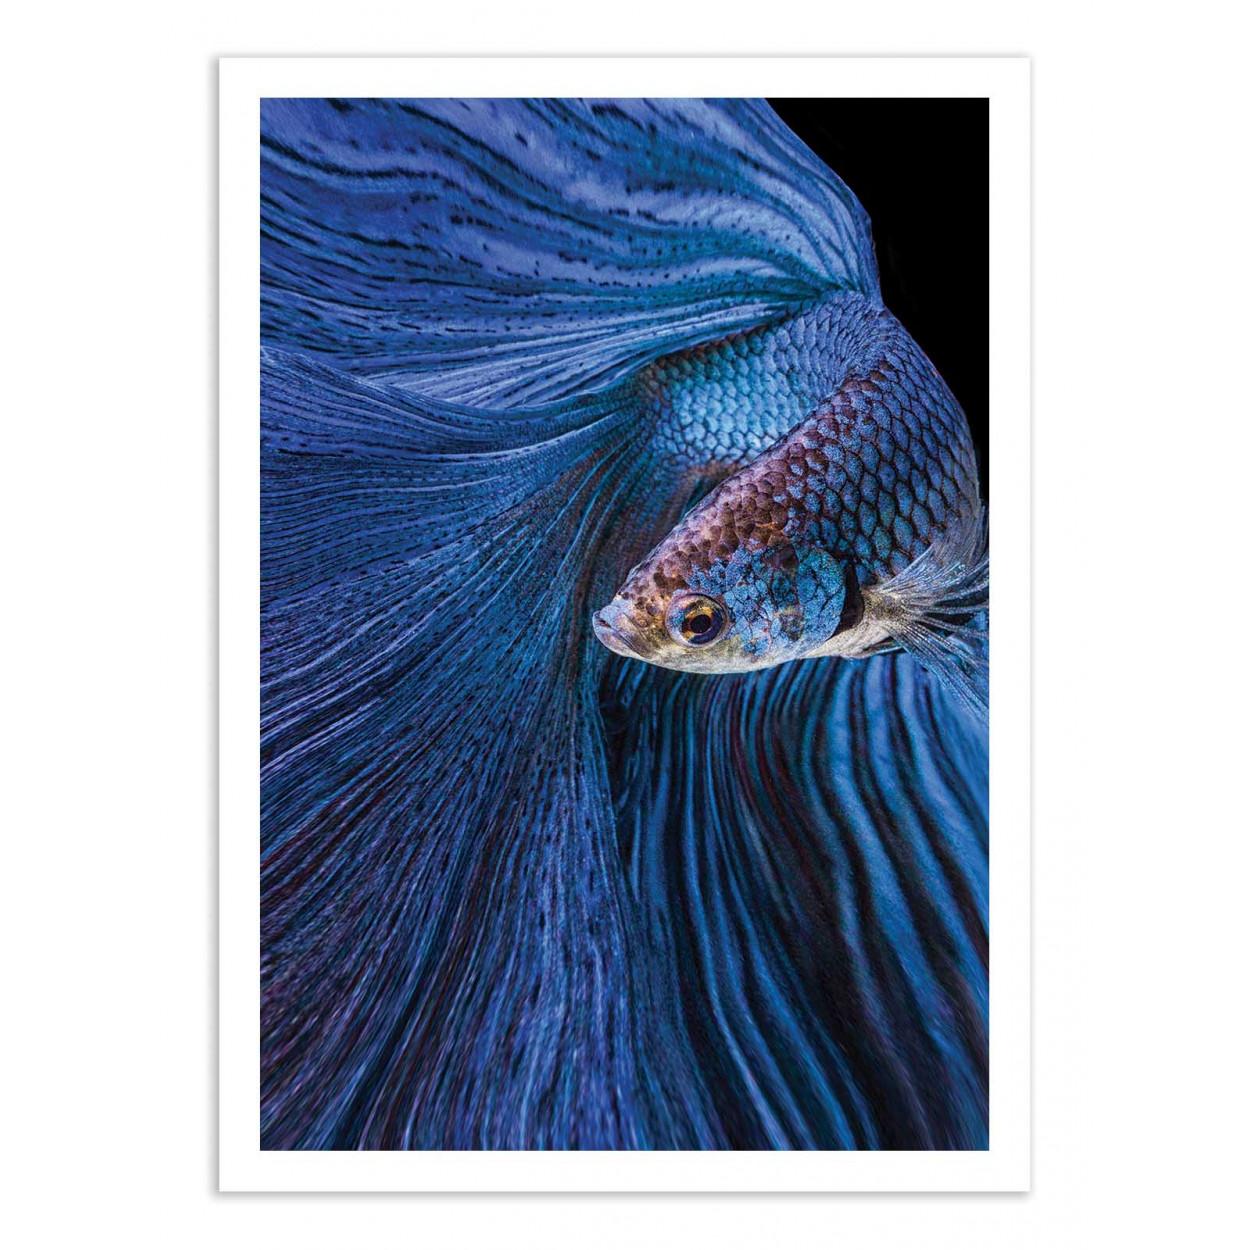 BLUE MOON - ANDY HALIL -  Affiche d'art 50 x 70 cm